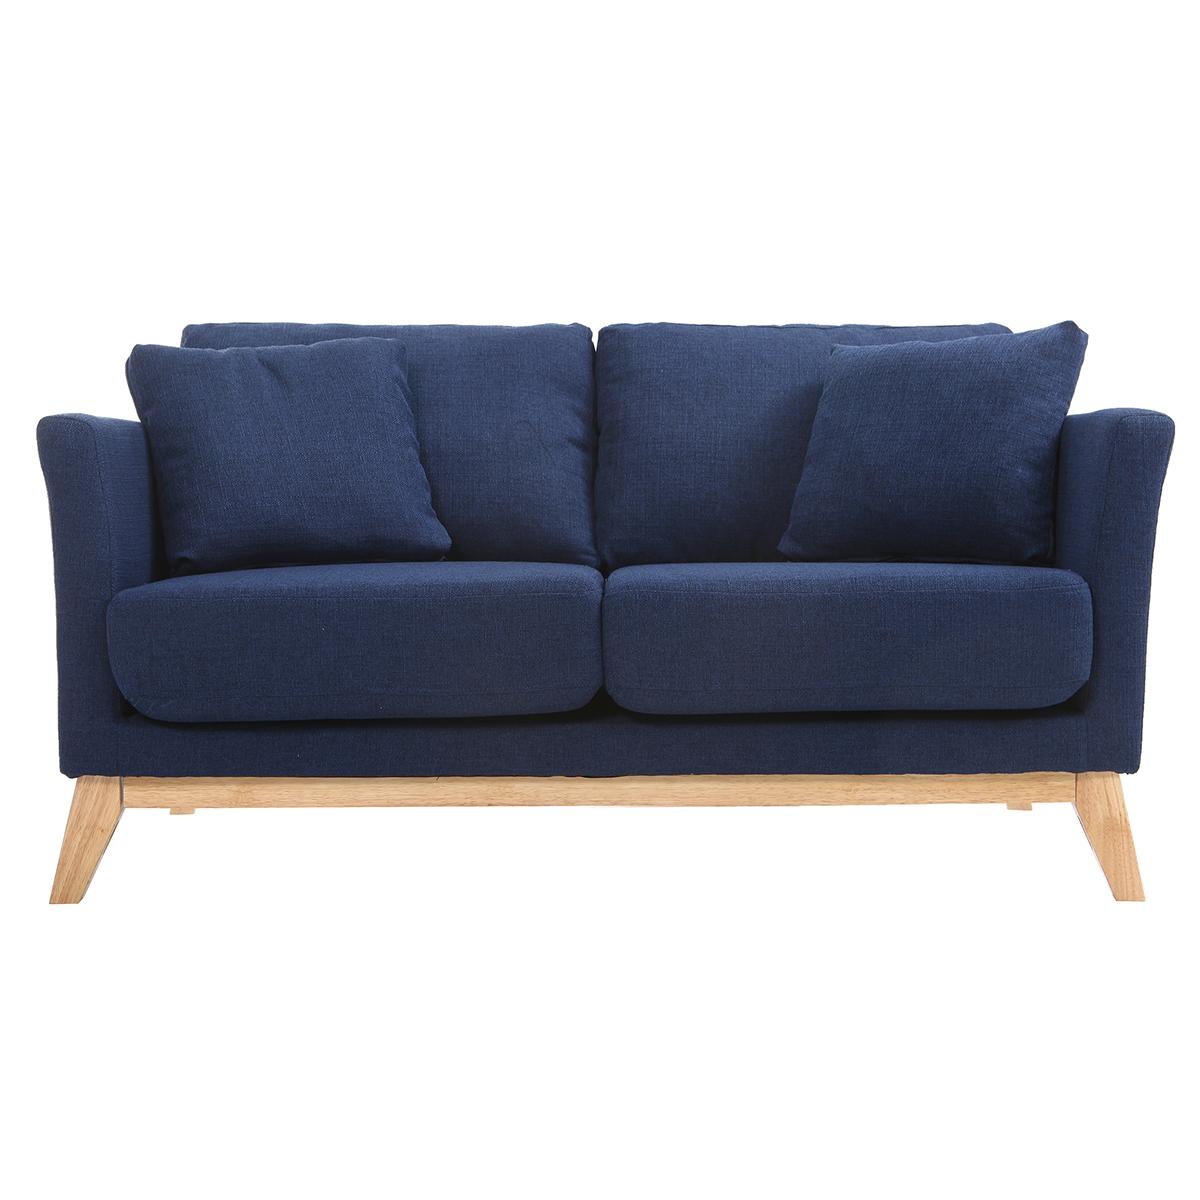 Divano scandinavo 2 posti blu scuro e piedi in legno chiaro OSLO